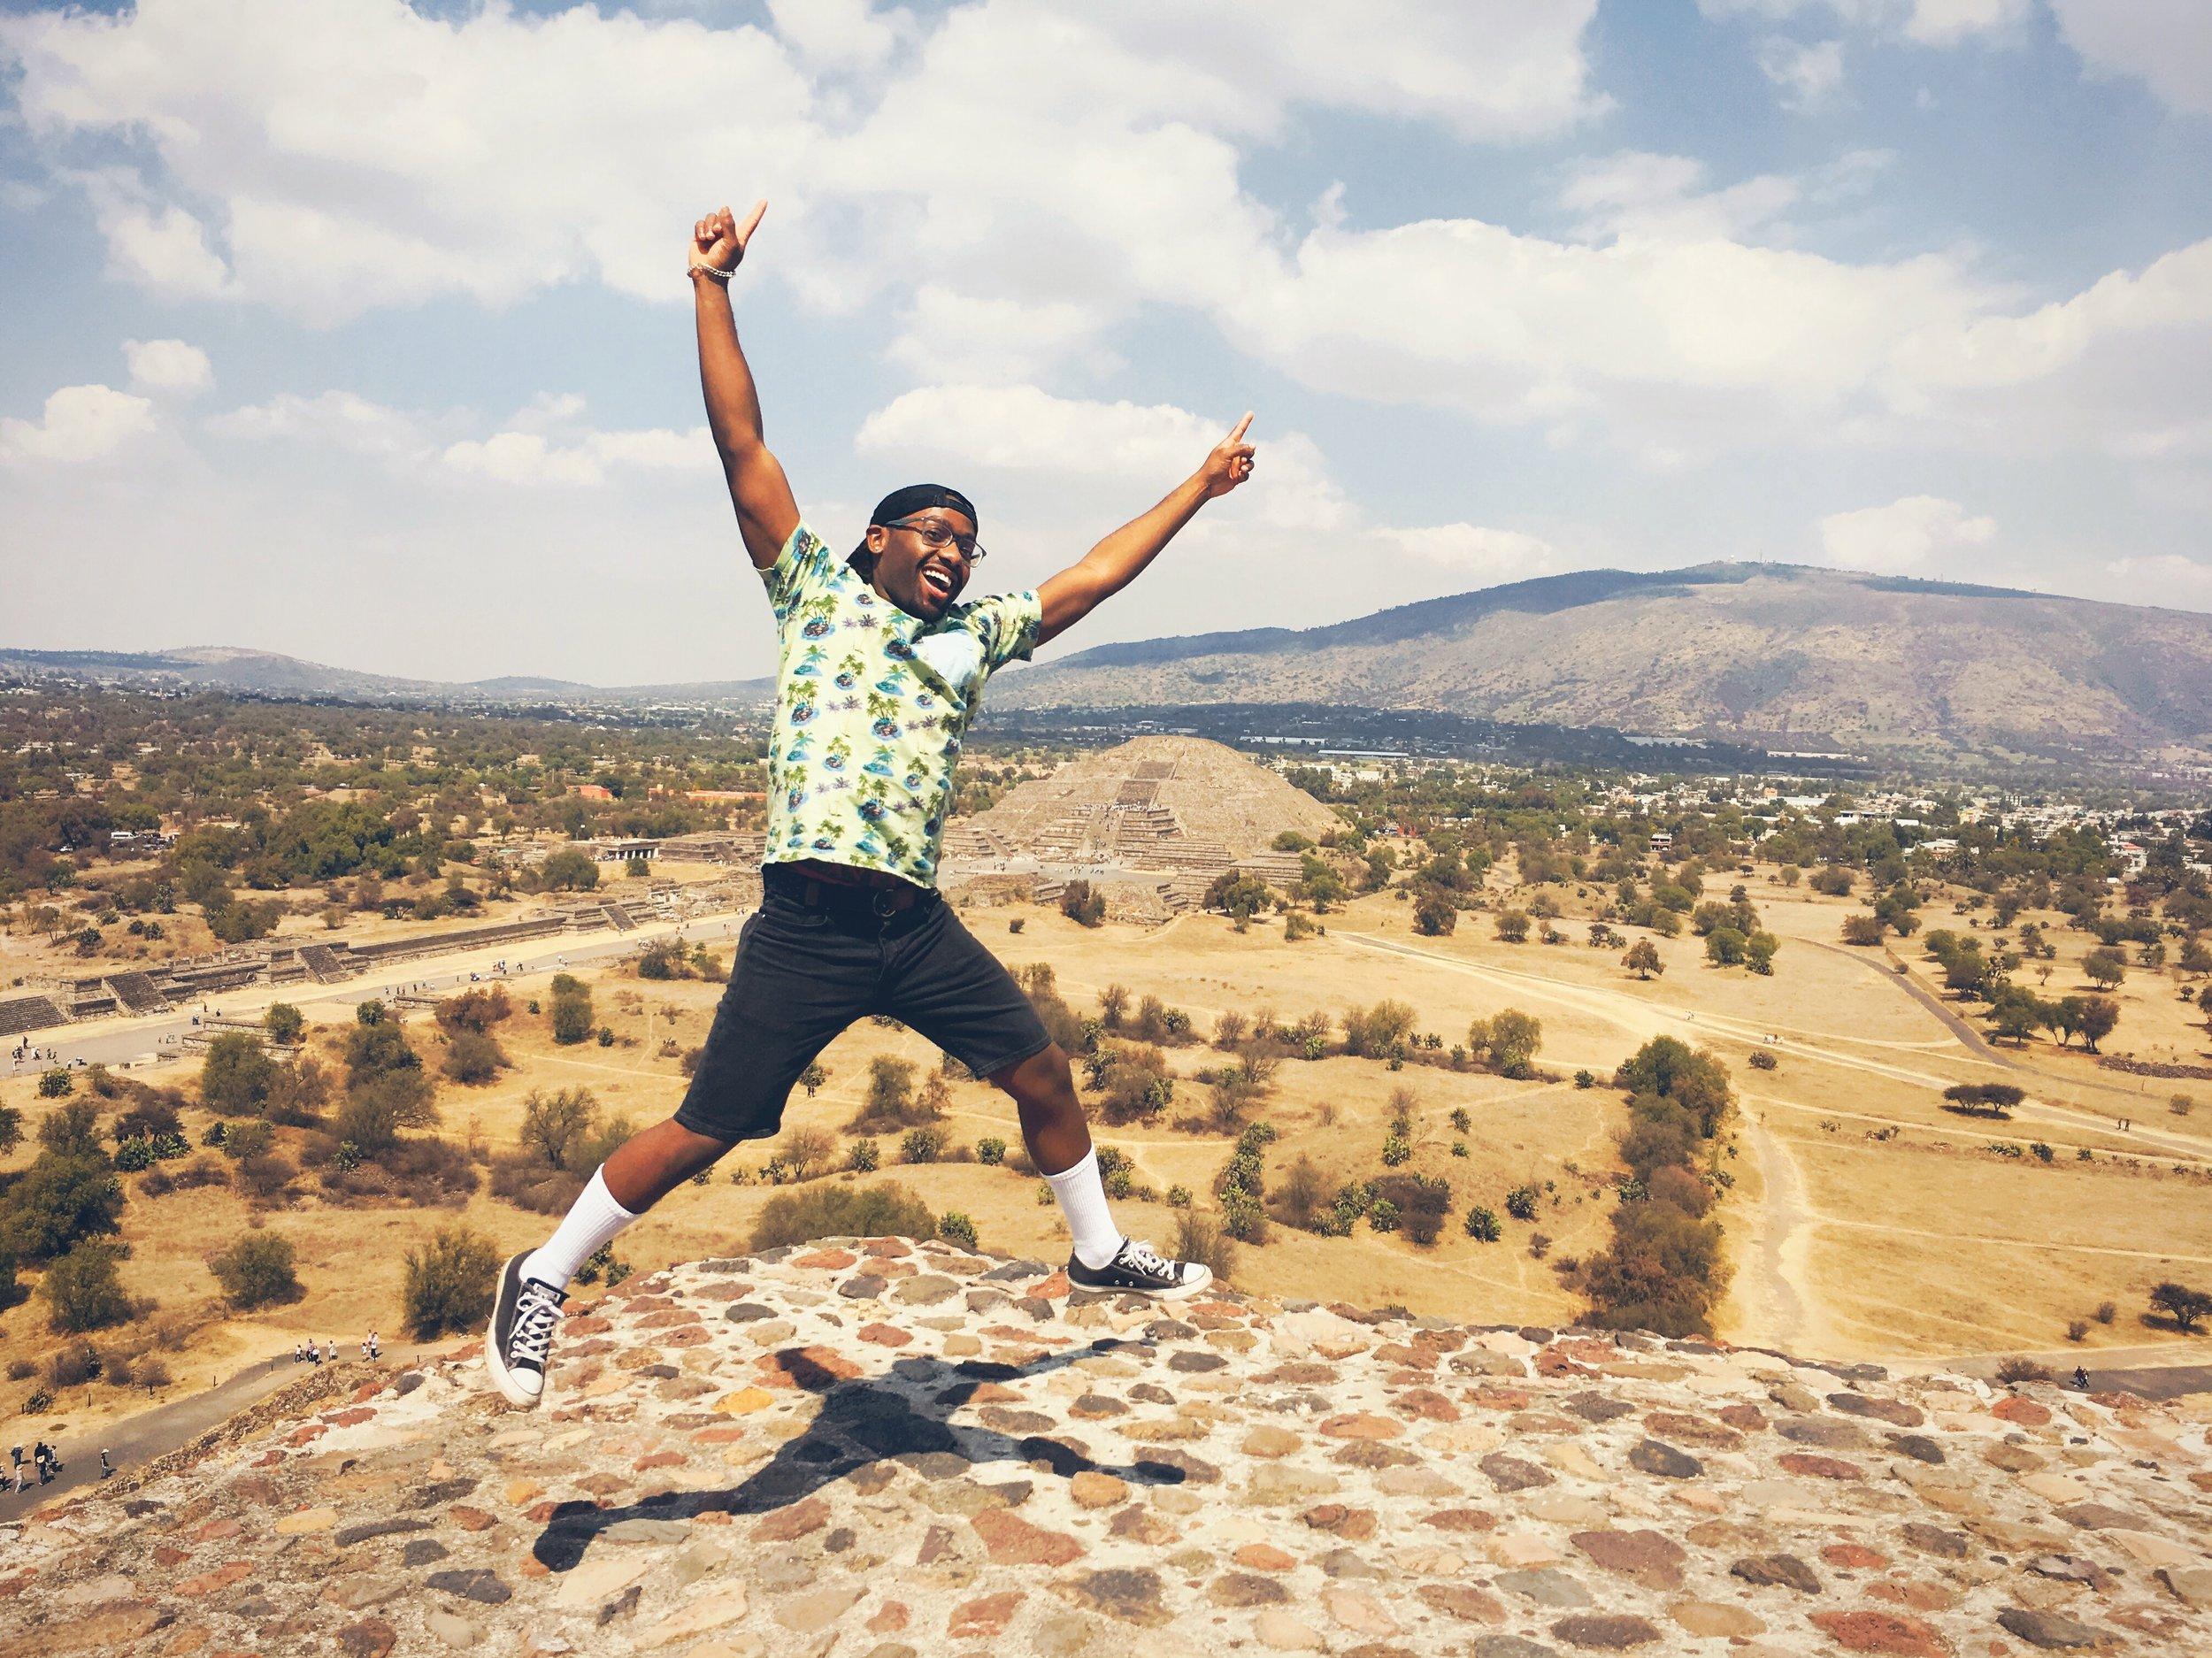 Aztec Jump